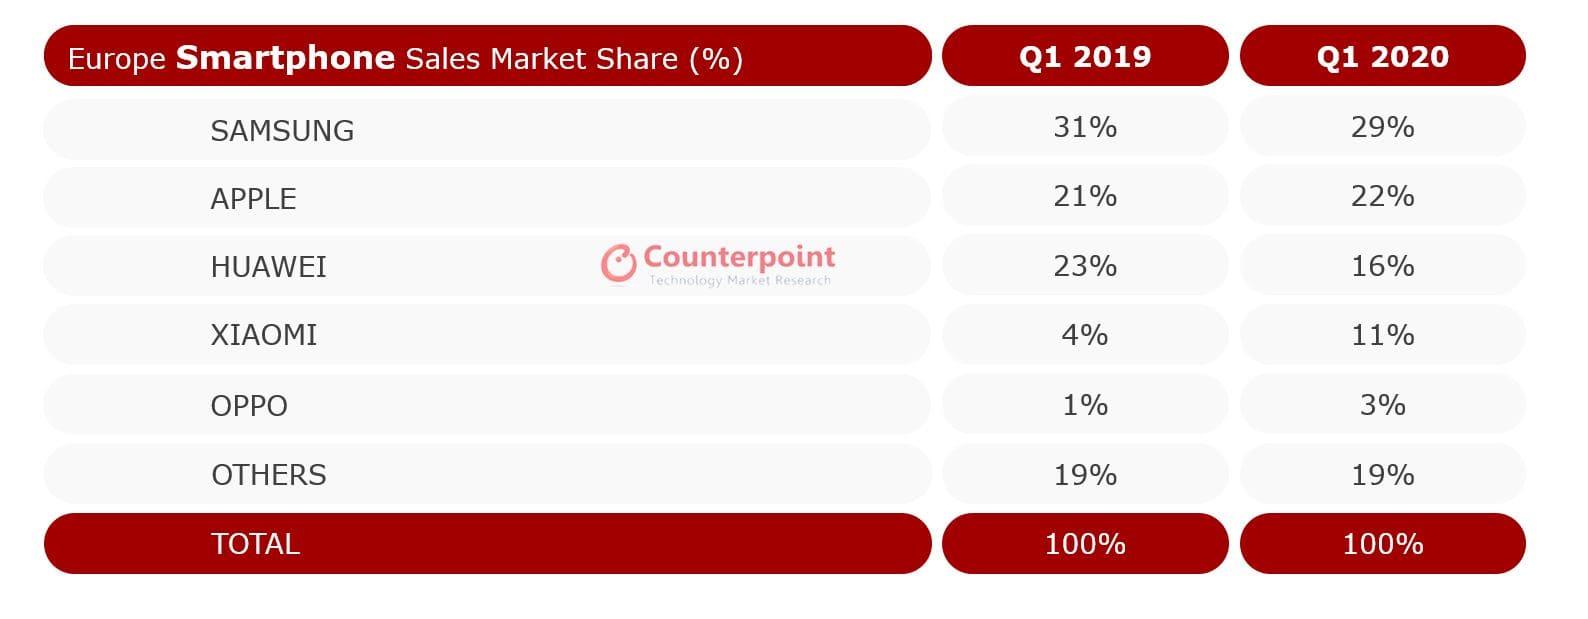 ventas-smartphones-Q1-2020-vs-Q1-2019